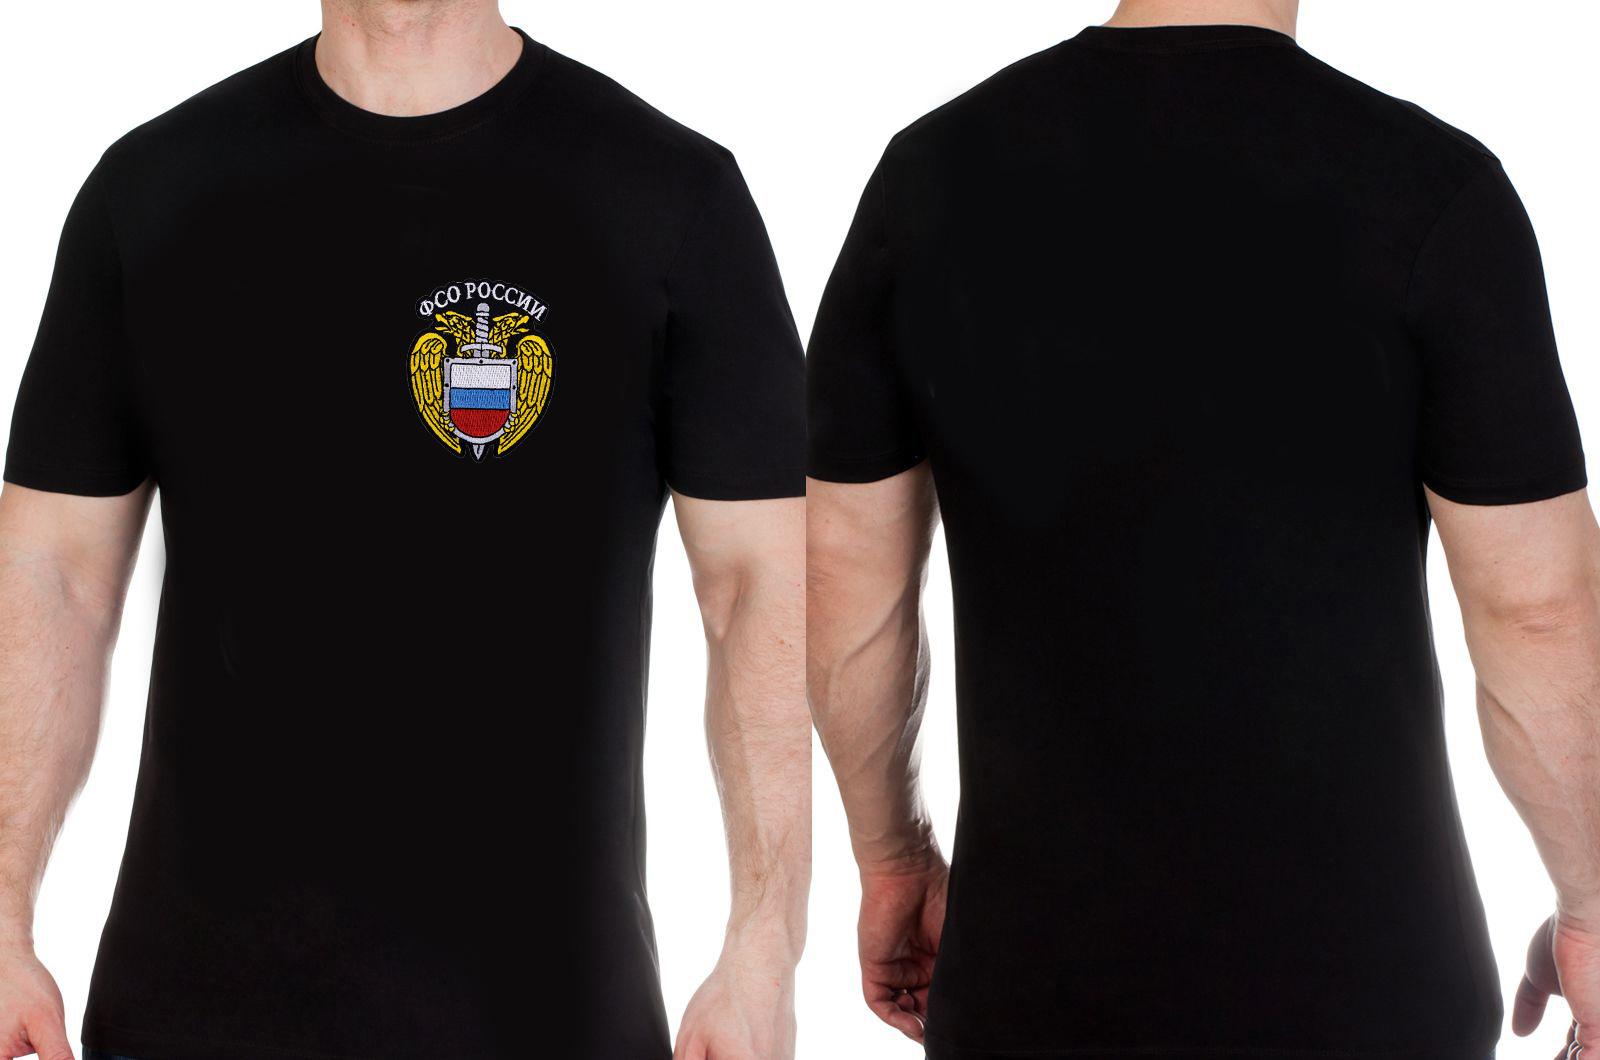 Строгая мужская футболка с нашивкой ФСО России купить по приемлемой цене